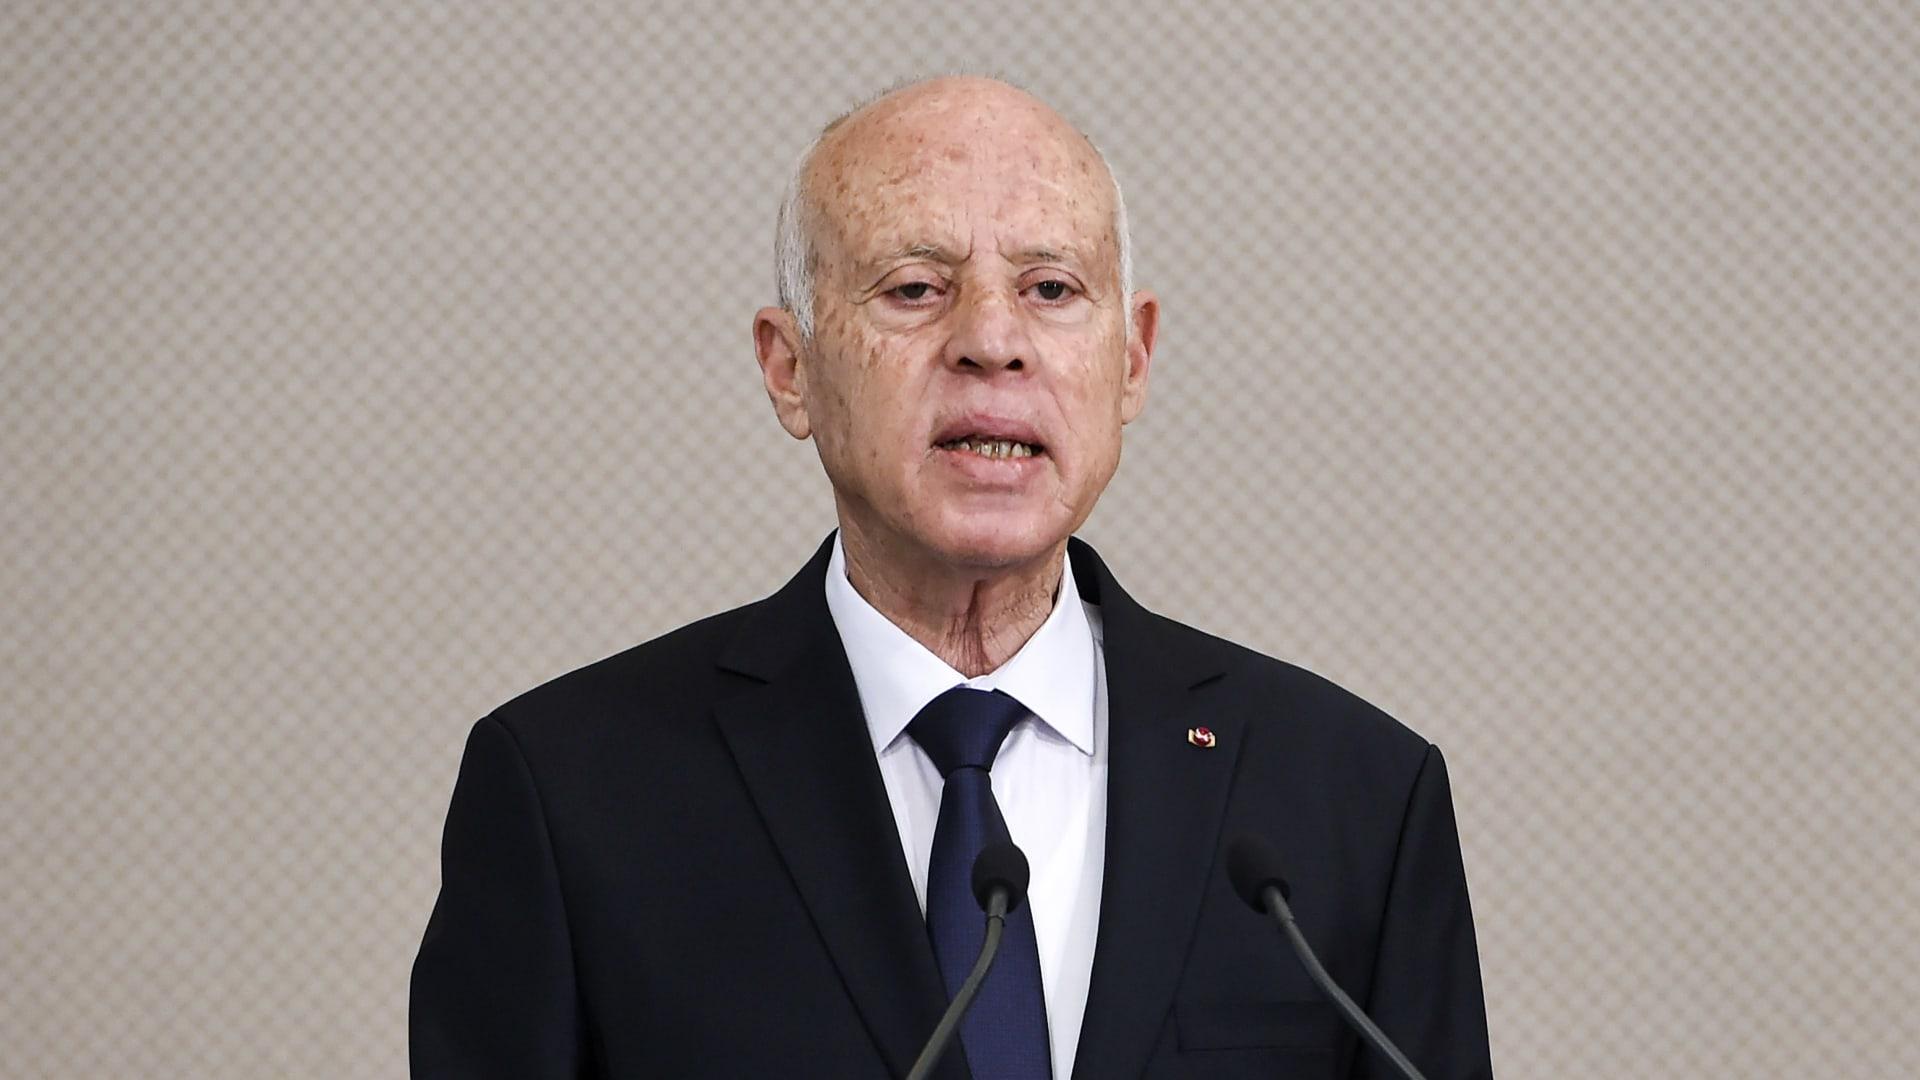 الرئيس التونسي يجري زيارة إلى مصر بدعوة من السيسي